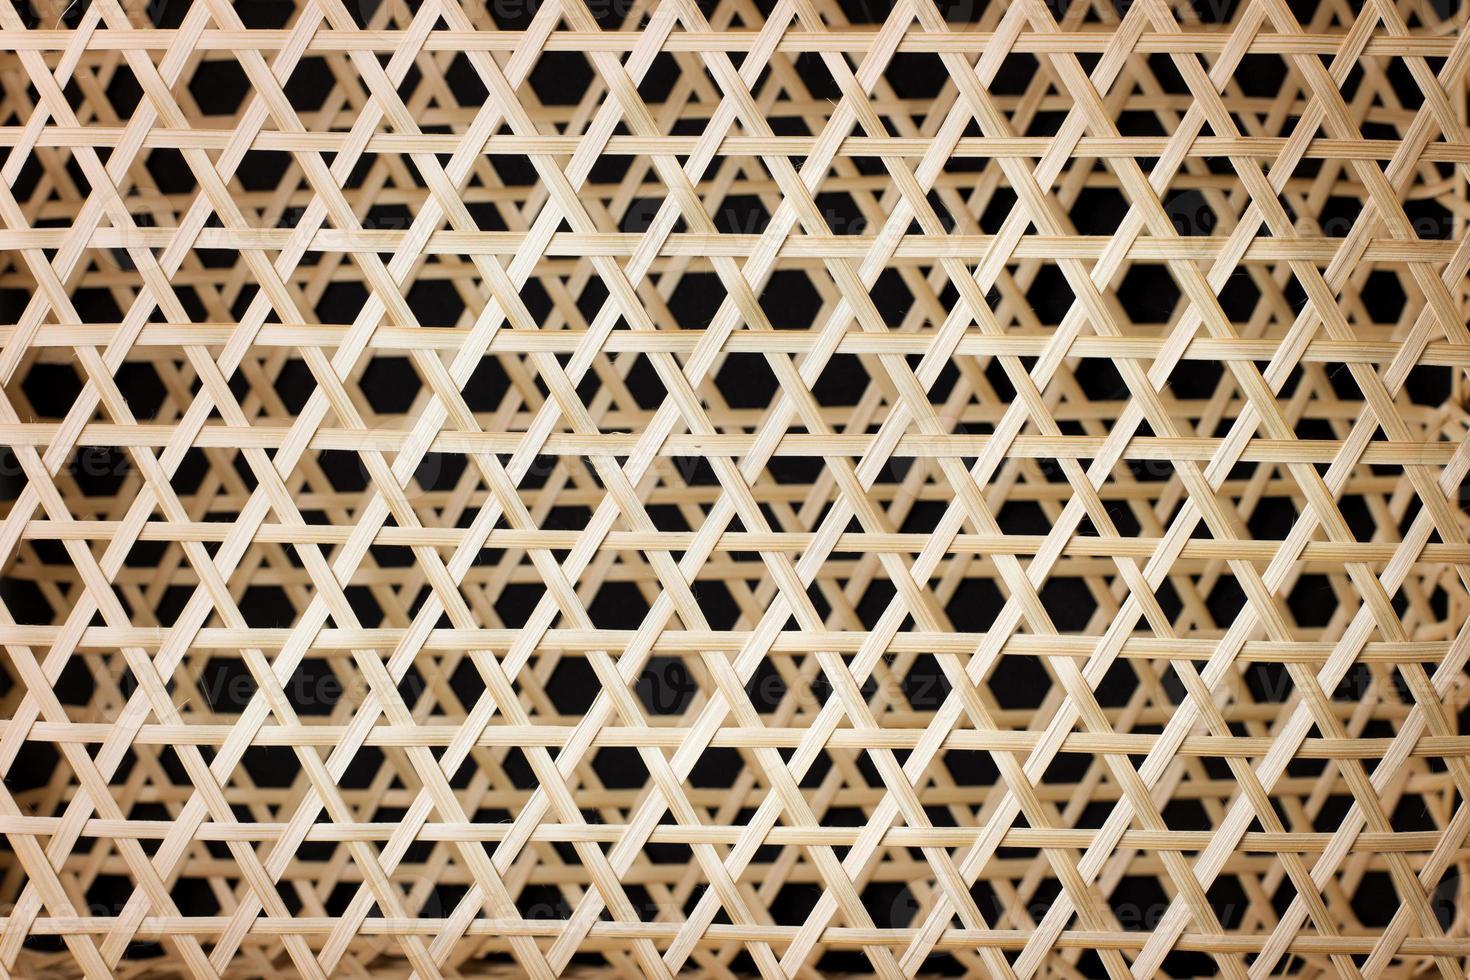 Weidenkorb Matte Textur Thai handgemacht traditionell foto